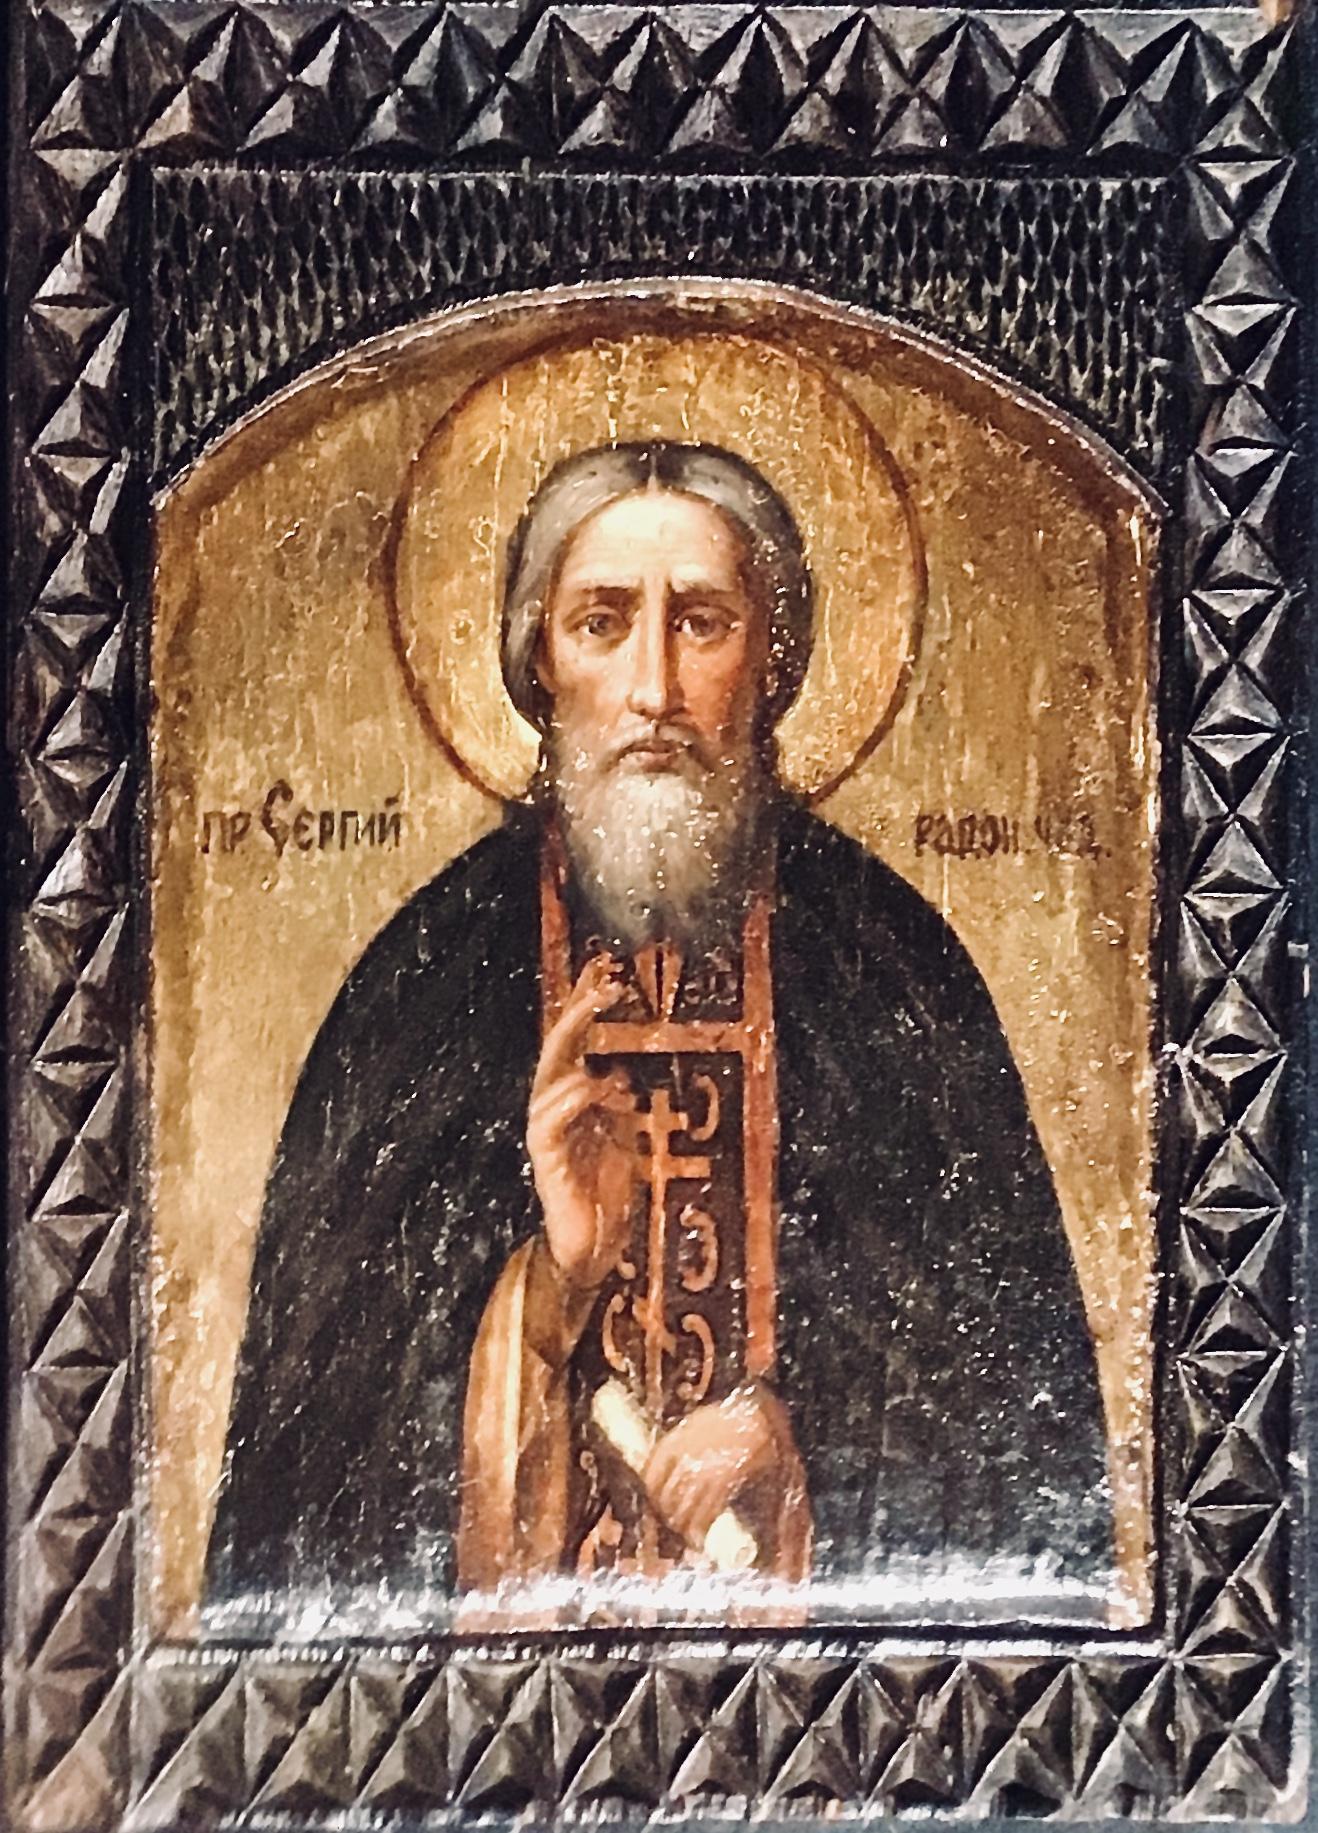 San Sergio, icona rara, icone da collezione, antiche icone russe, Ikon Rus'